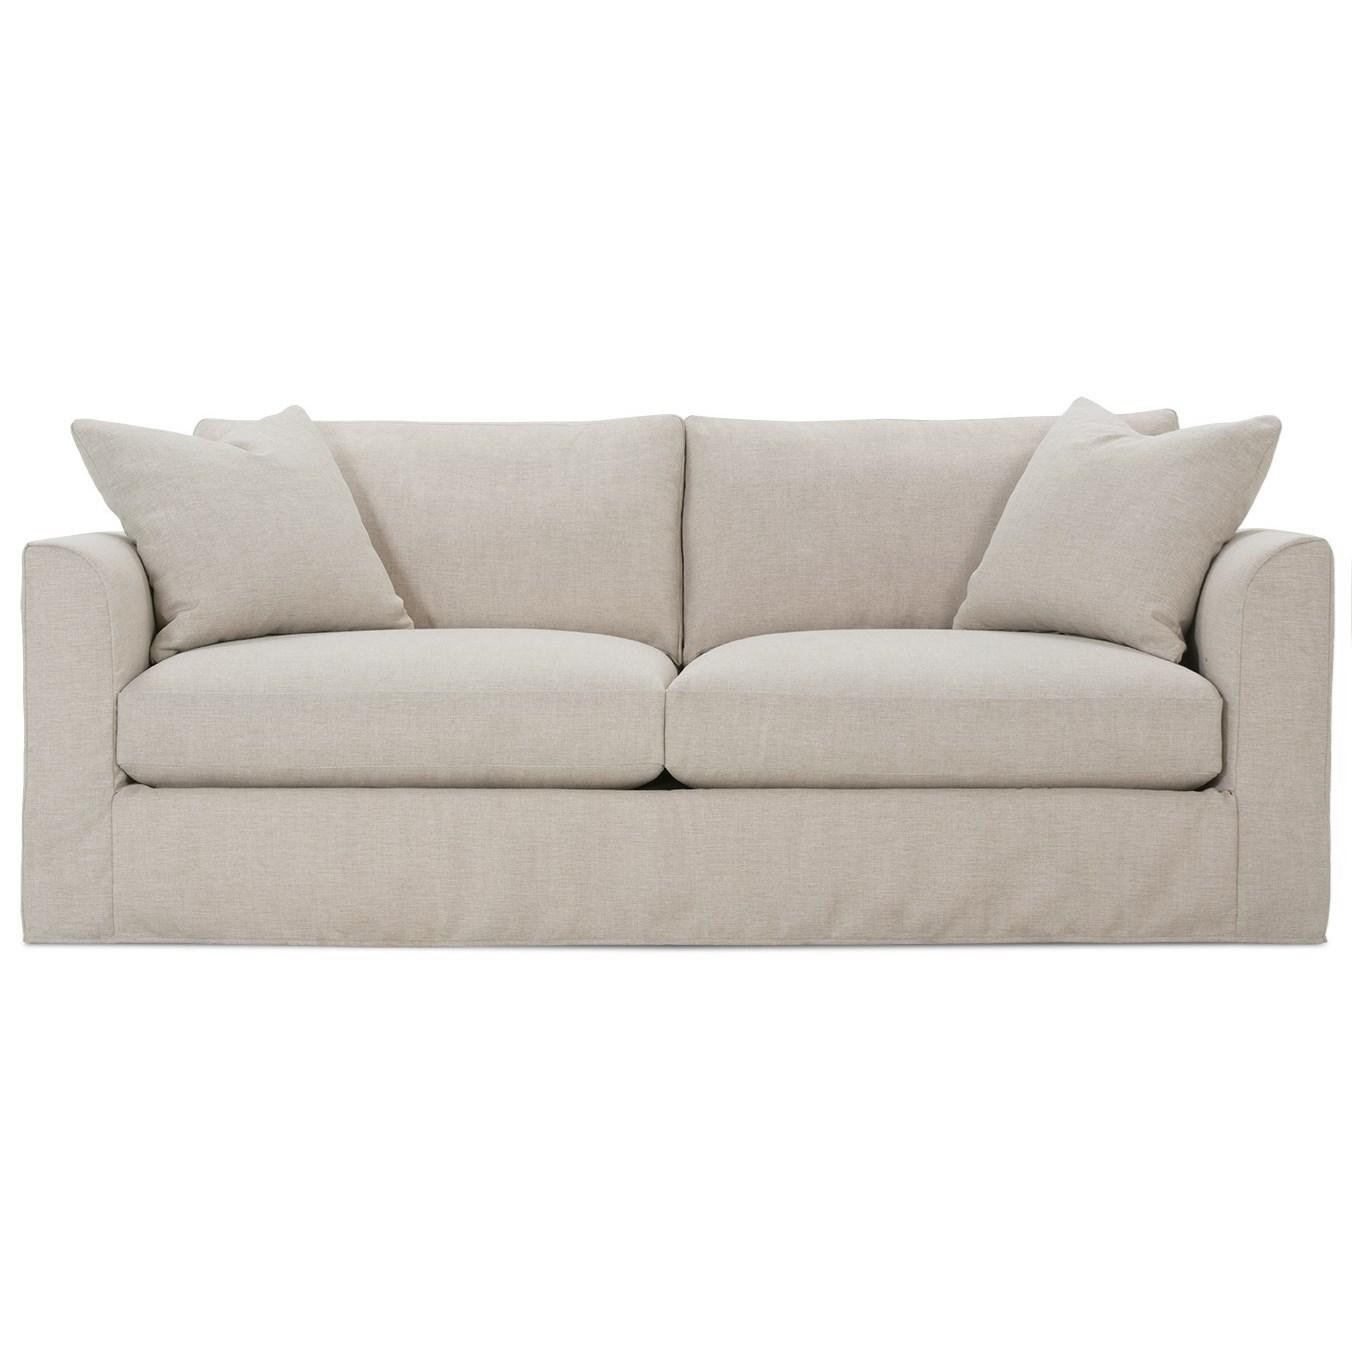 Gentil Stegeru0027s Furniture